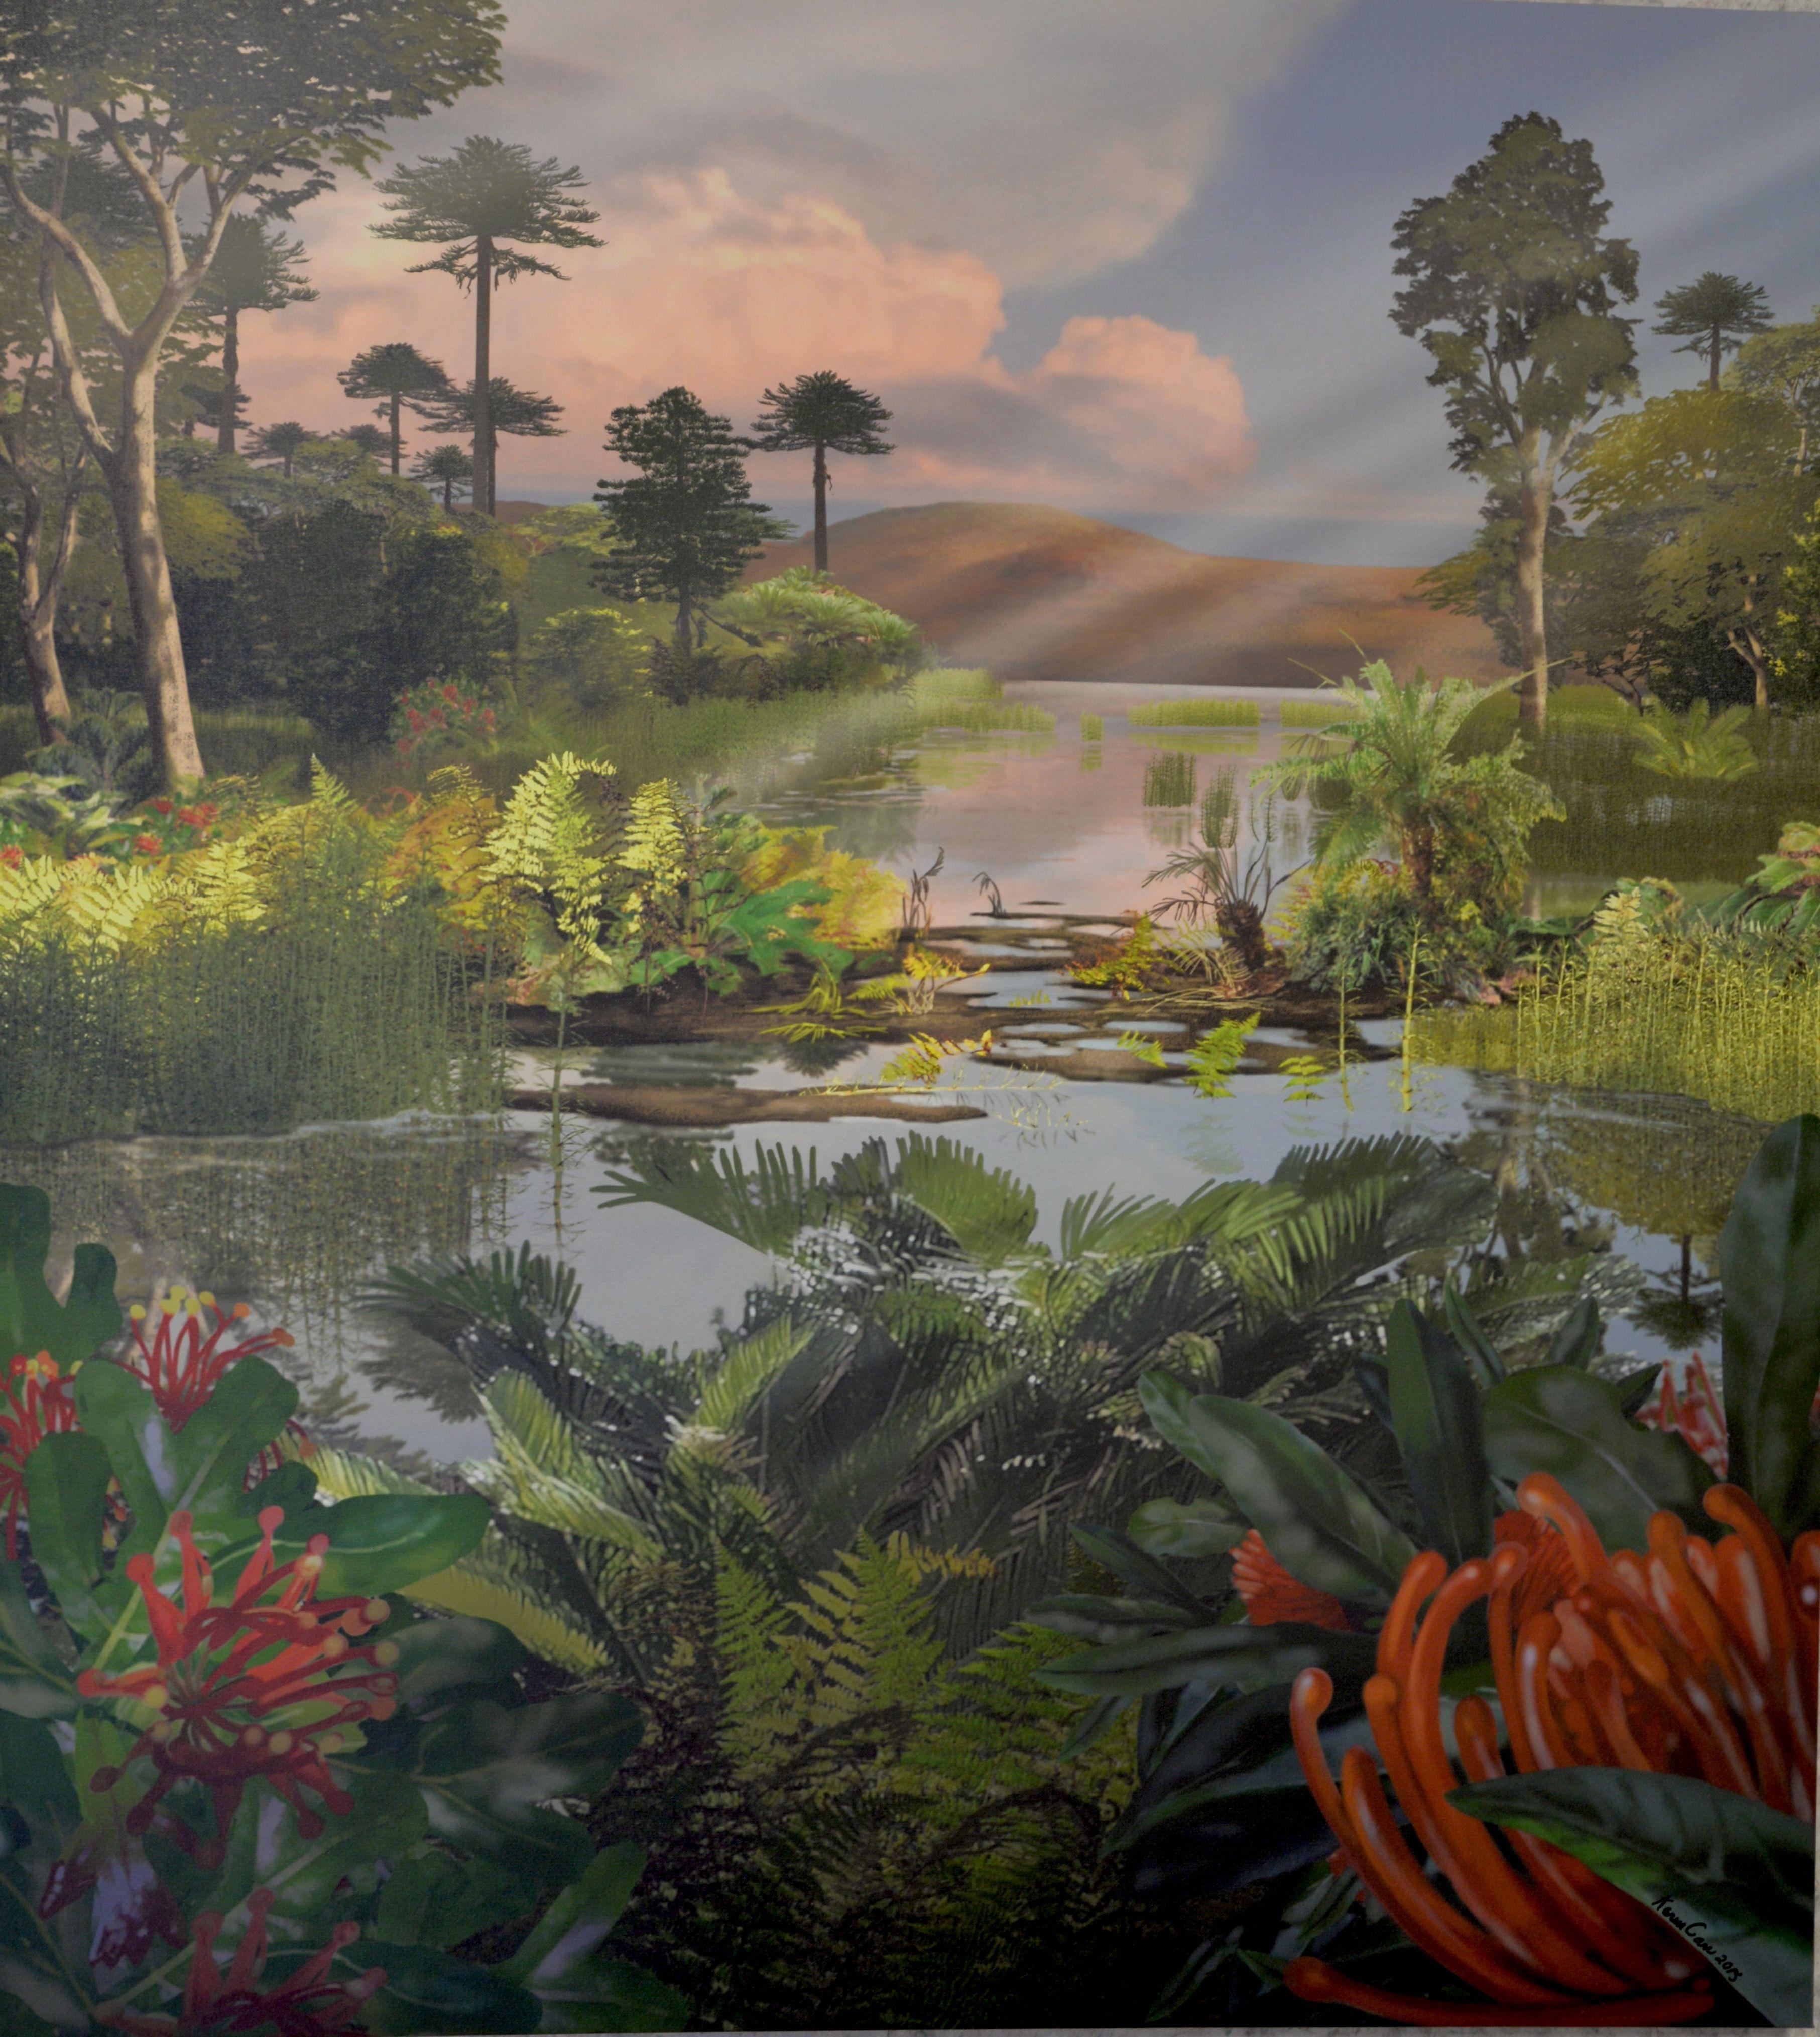 Karen Carr, 2015 Australian Plant Community: Cretaceous Period